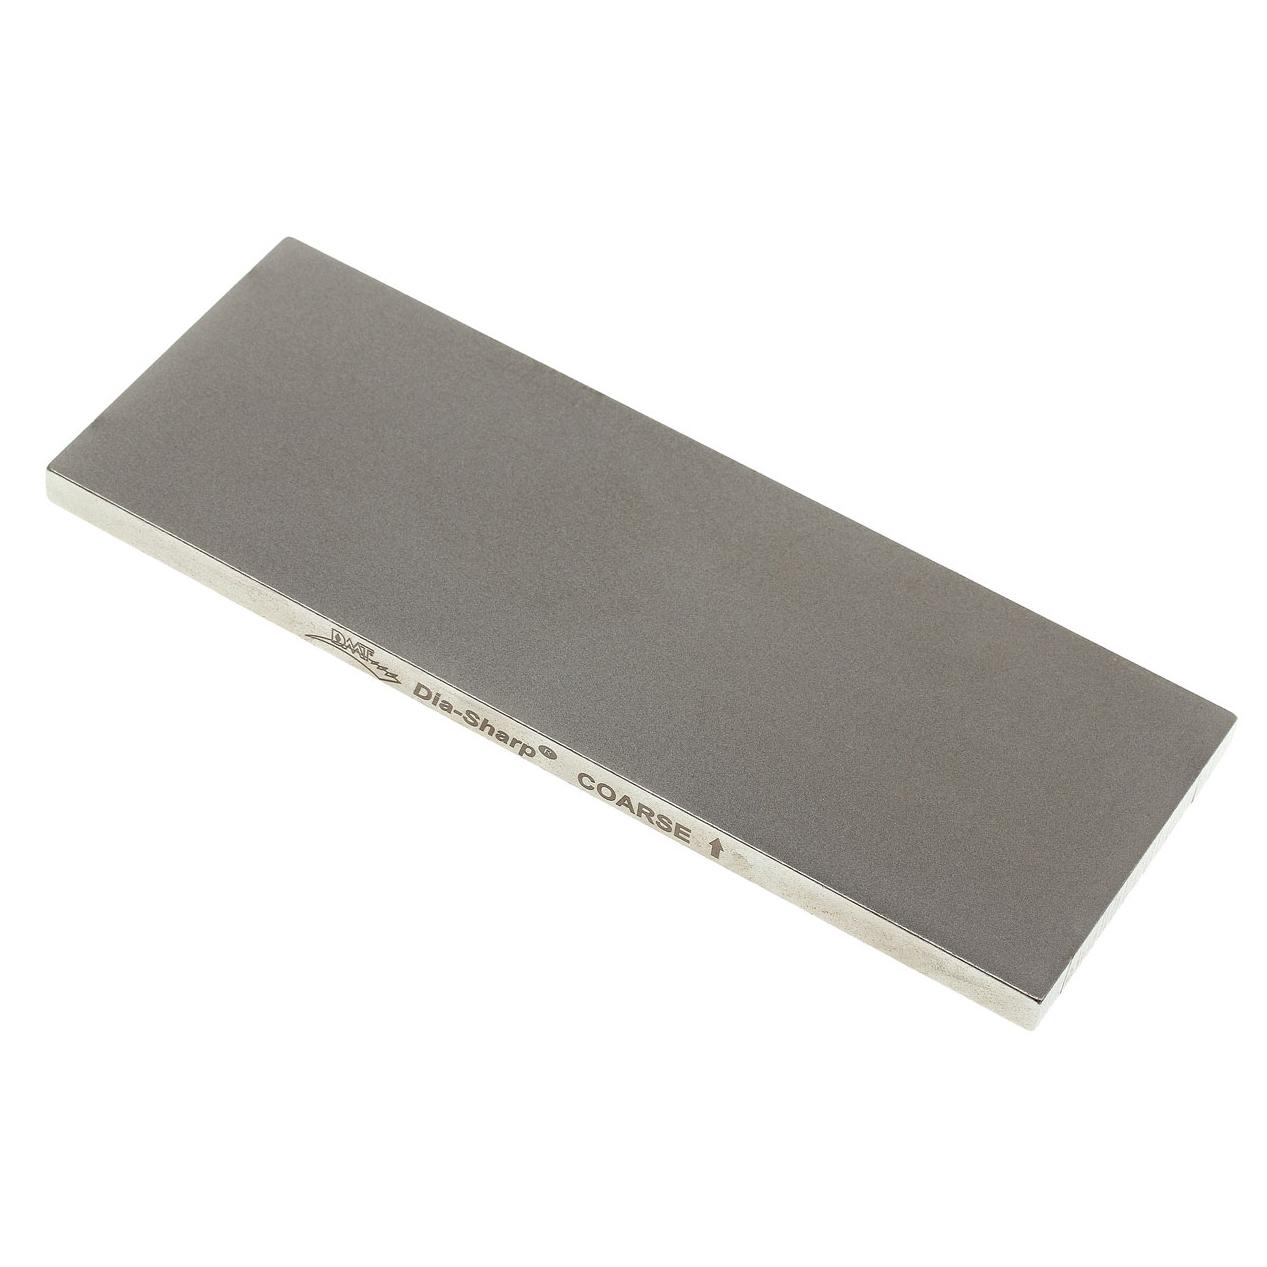 Брусок алмазный для заточки DMT Coarse, 325 меш, 45 мкм, резиновые ножки от DMT® Diamond Machining Technology